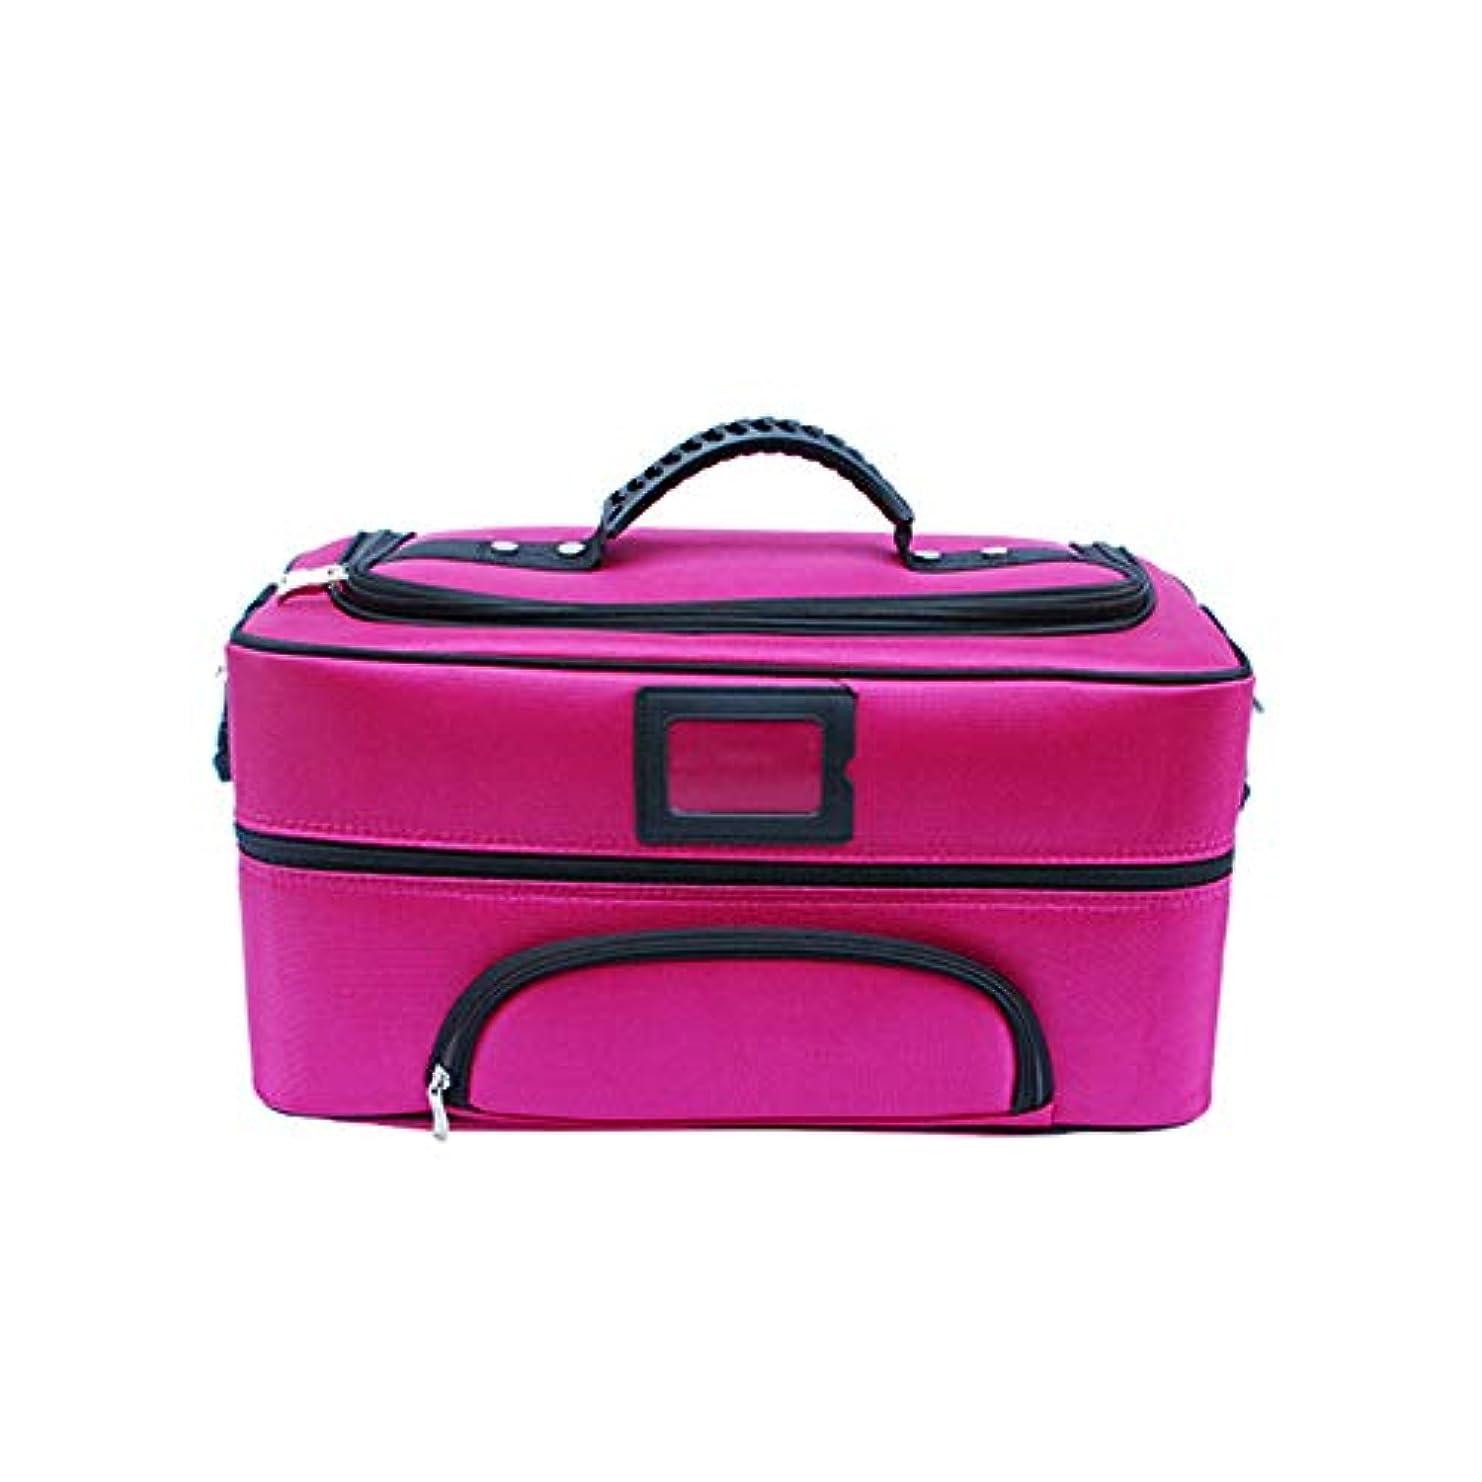 側溝南コーヒー化粧オーガナイザーバッグ ジッパーで旅行と毎日のストレージのための美容メイクアップのポータブルカジュアルメイク化粧品収納ケース 化粧品ケース